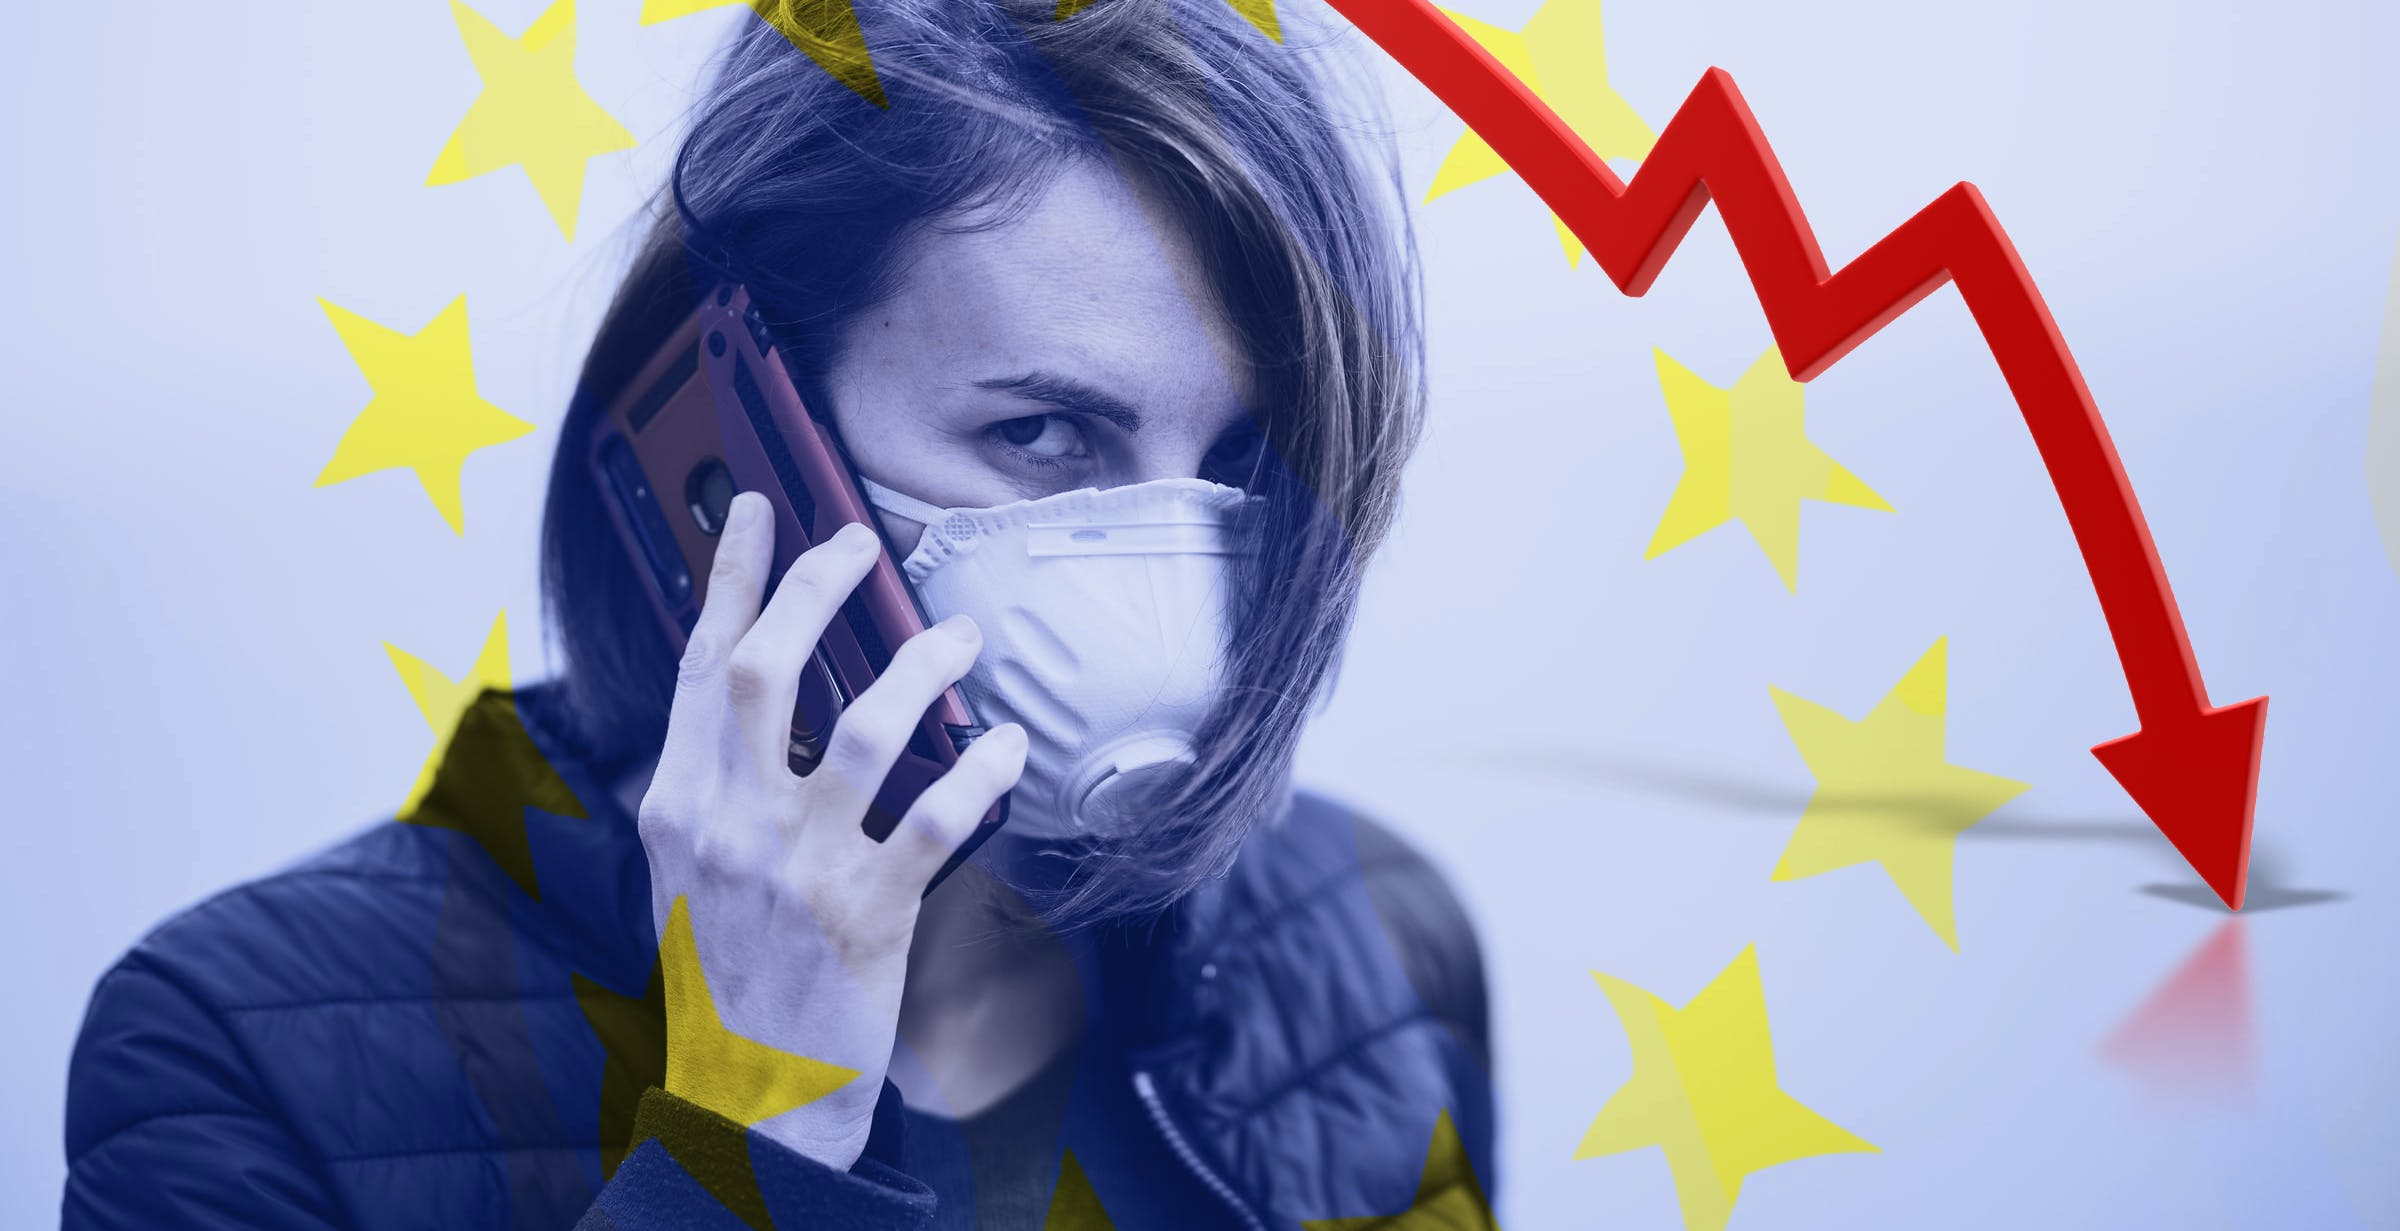 Il mercato europeo degli smartphone soffre durante la pandemia. L'Italia in caduta libera: -21%